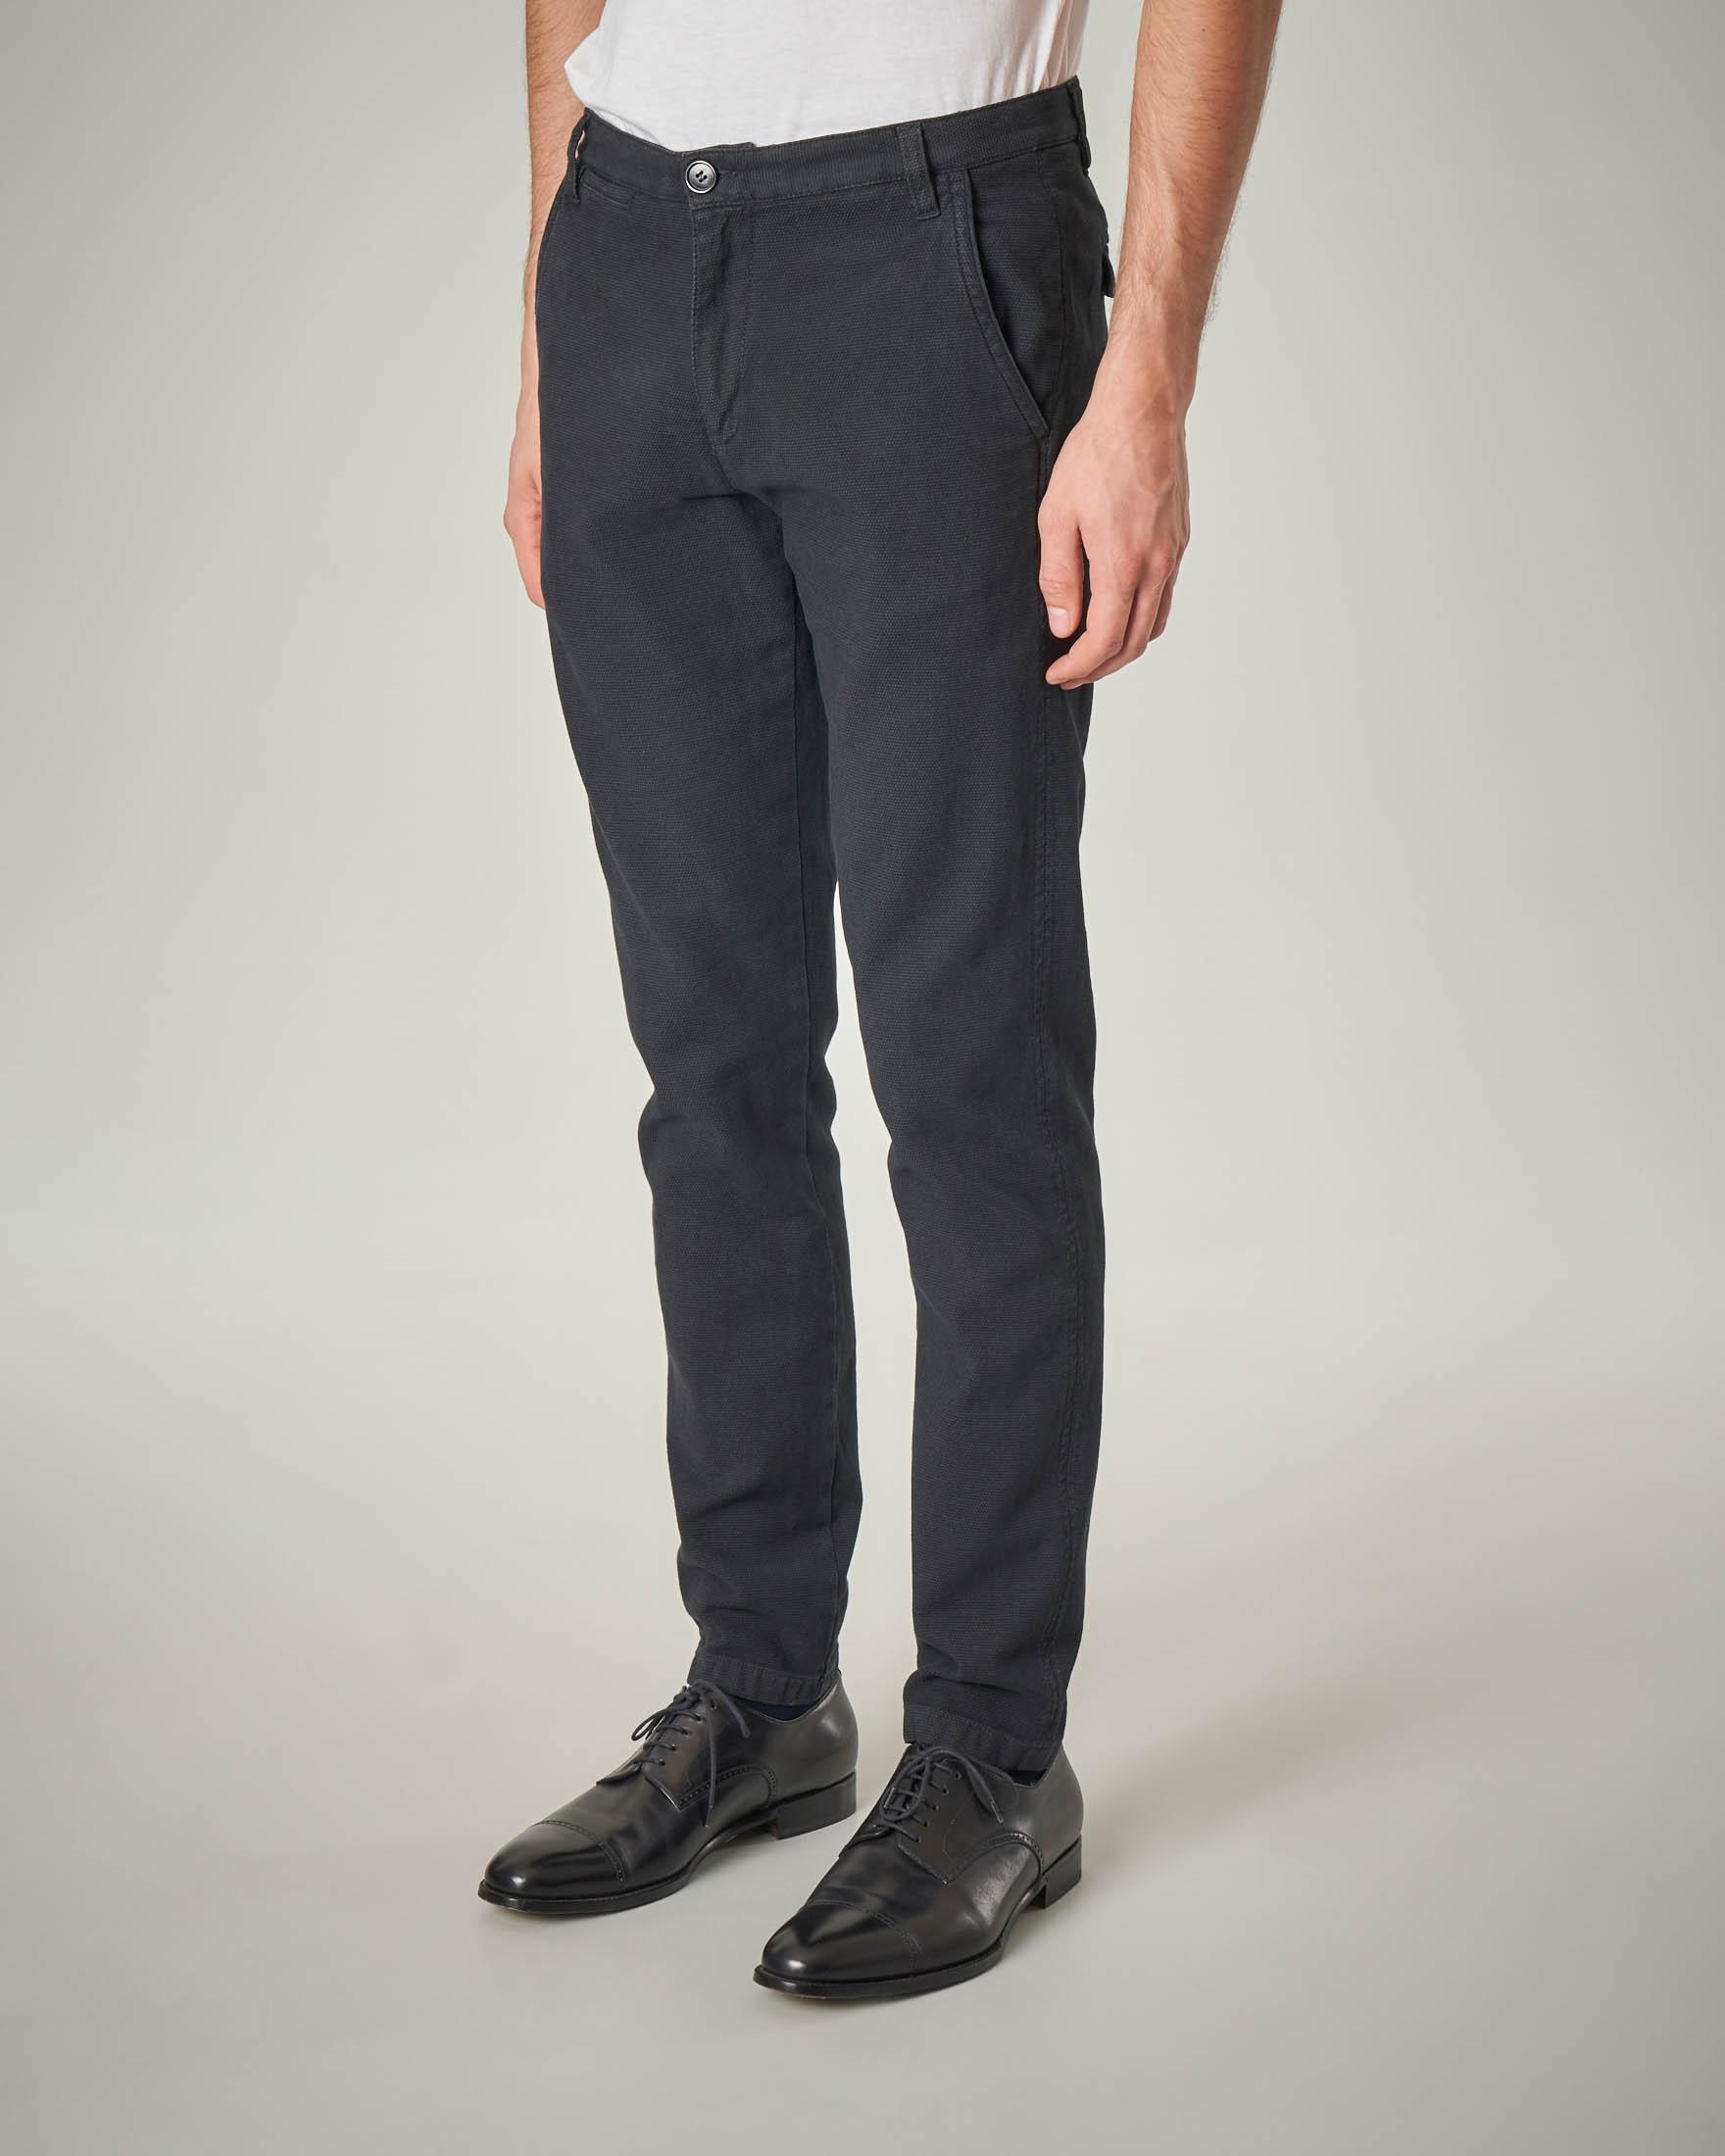 Pantalone chino antracite occhio di pernice